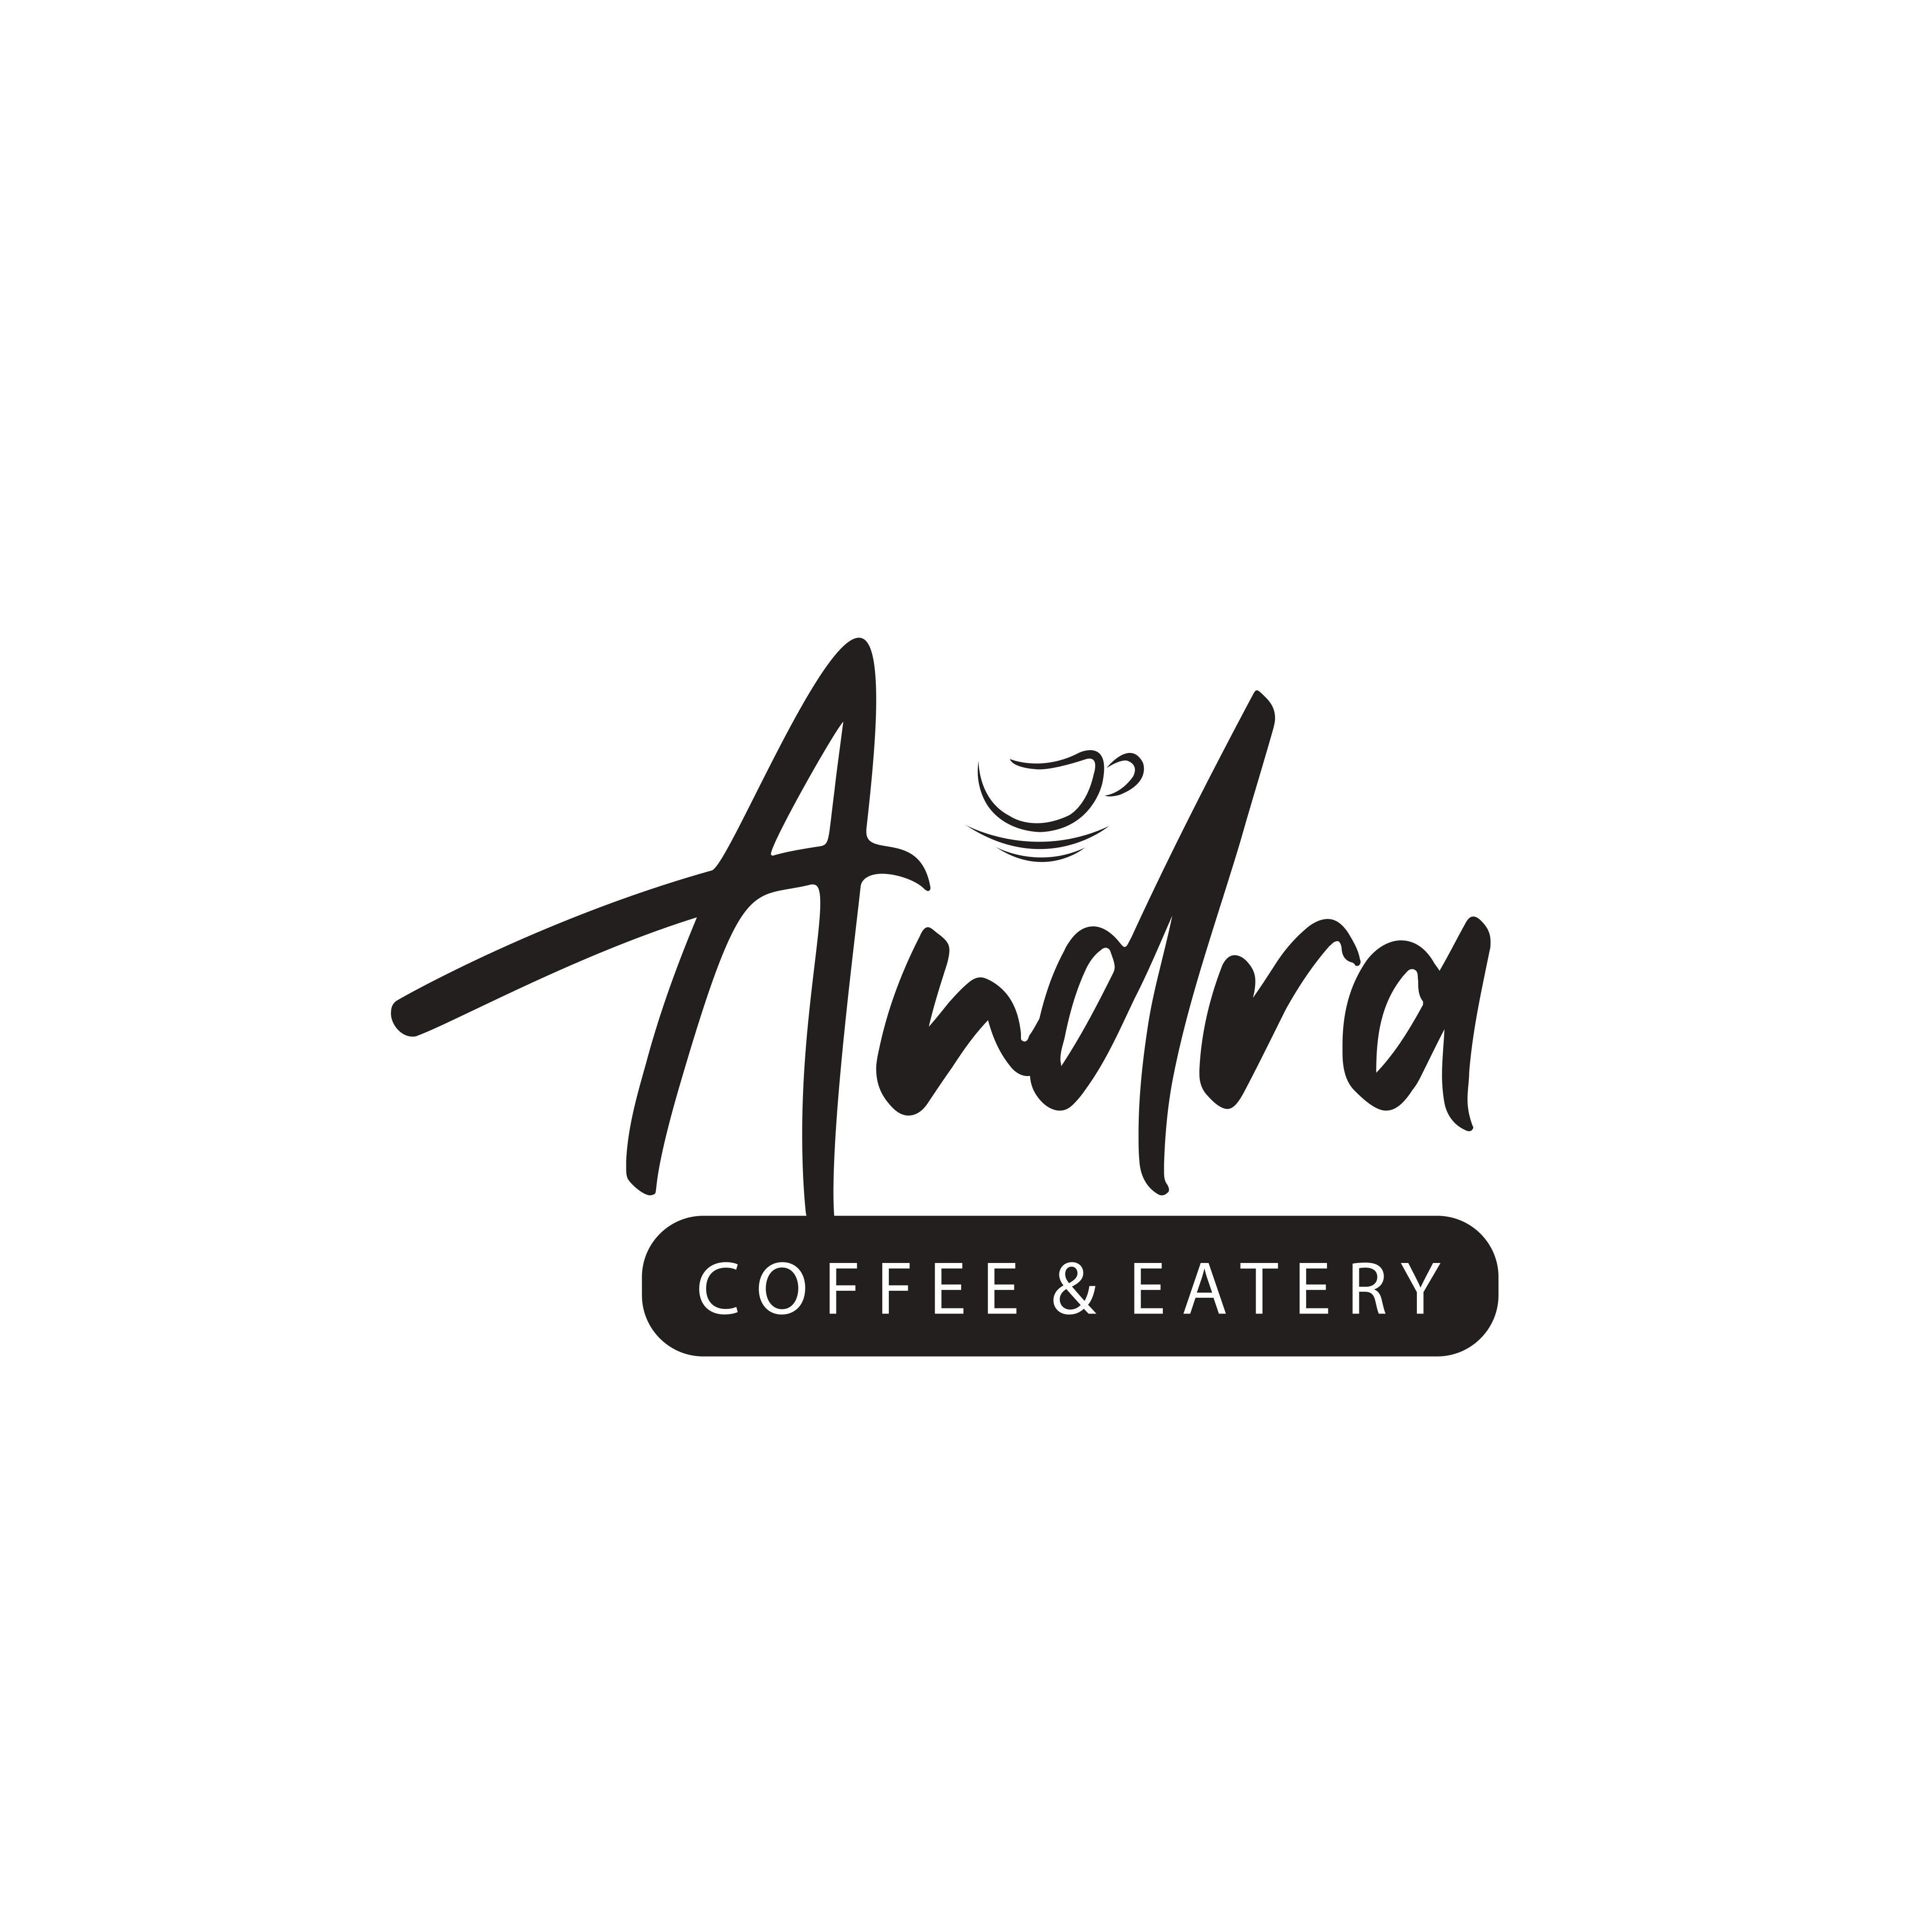 ANDRA COFFEE & EATERY